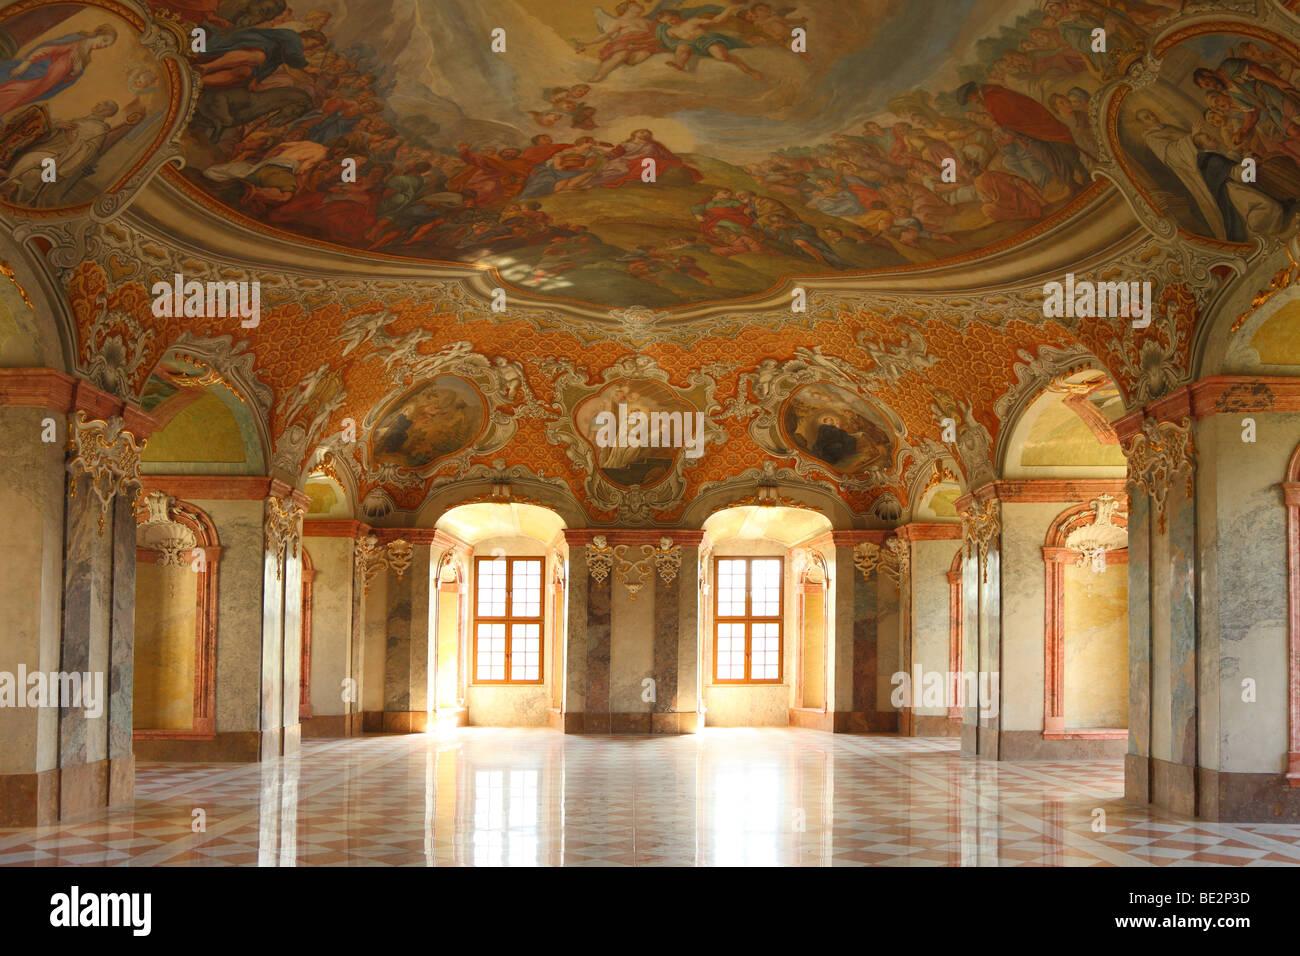 Le réfectoire du monastère de style baroque, Lubiaż Basse Silésie Pologne, Cistercienne Cisterciens Kloster Leubus Banque D'Images